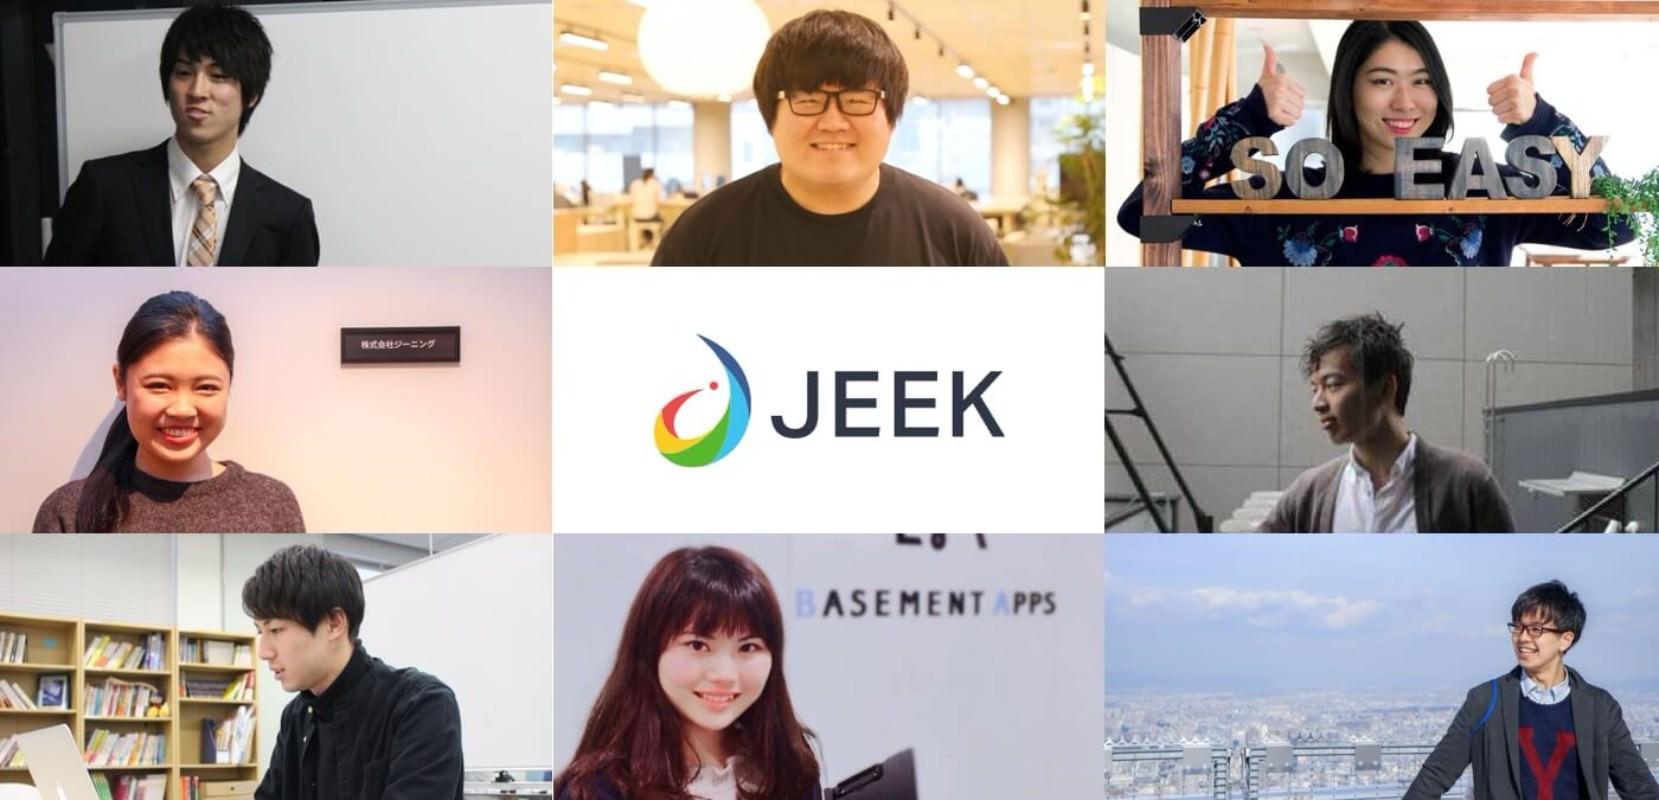 2017年下半期JEEK MVPは、なんでもマルチにこなす美人秘書・ 株式会社ベースメントアップス古谷晶さんに決定!